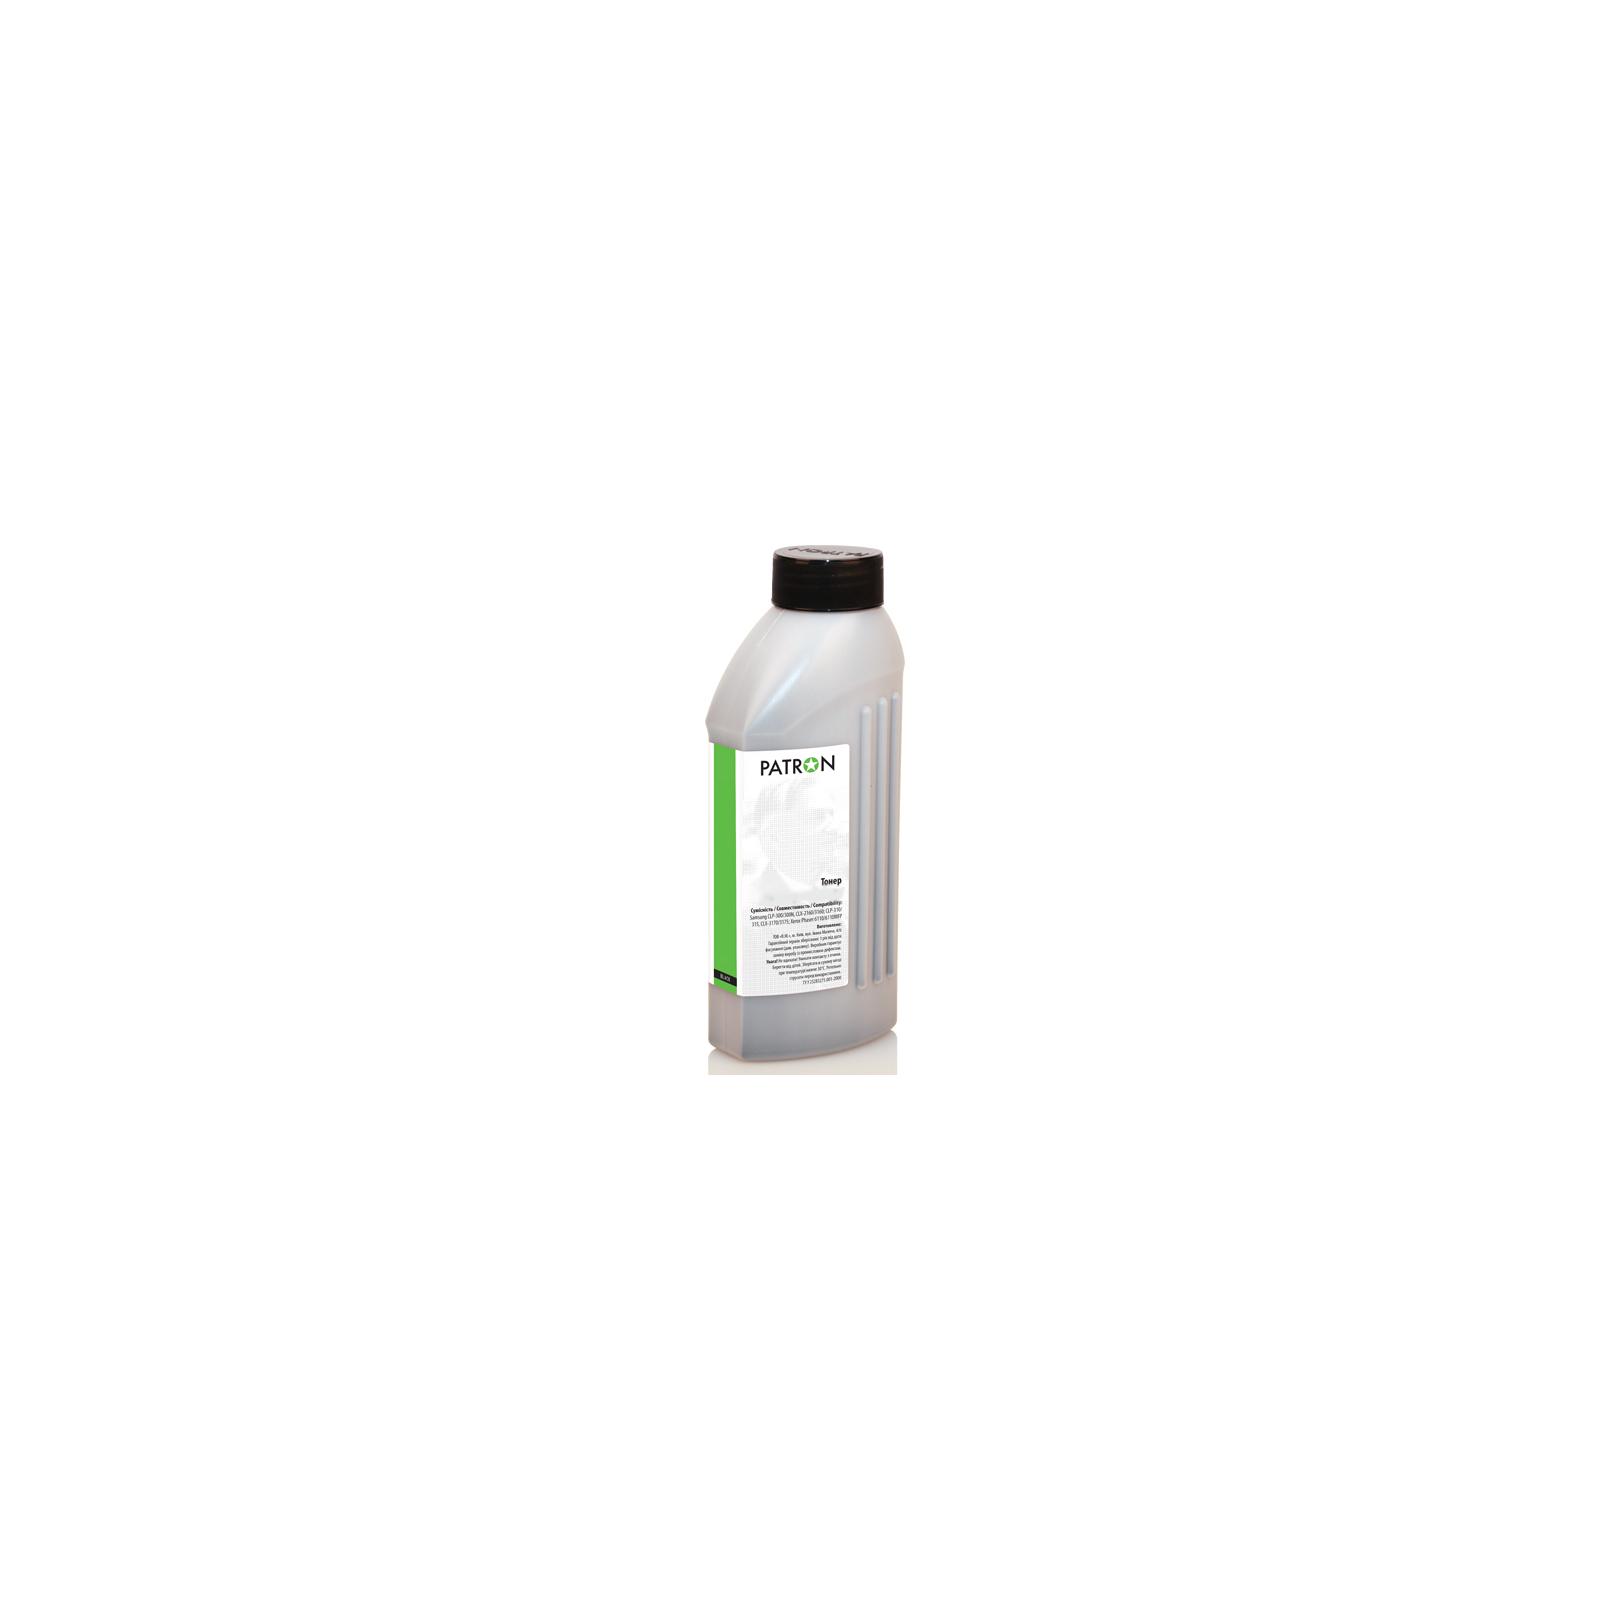 Тонер PATRON OKI B2200 60г (T-PN-OB2200-060)